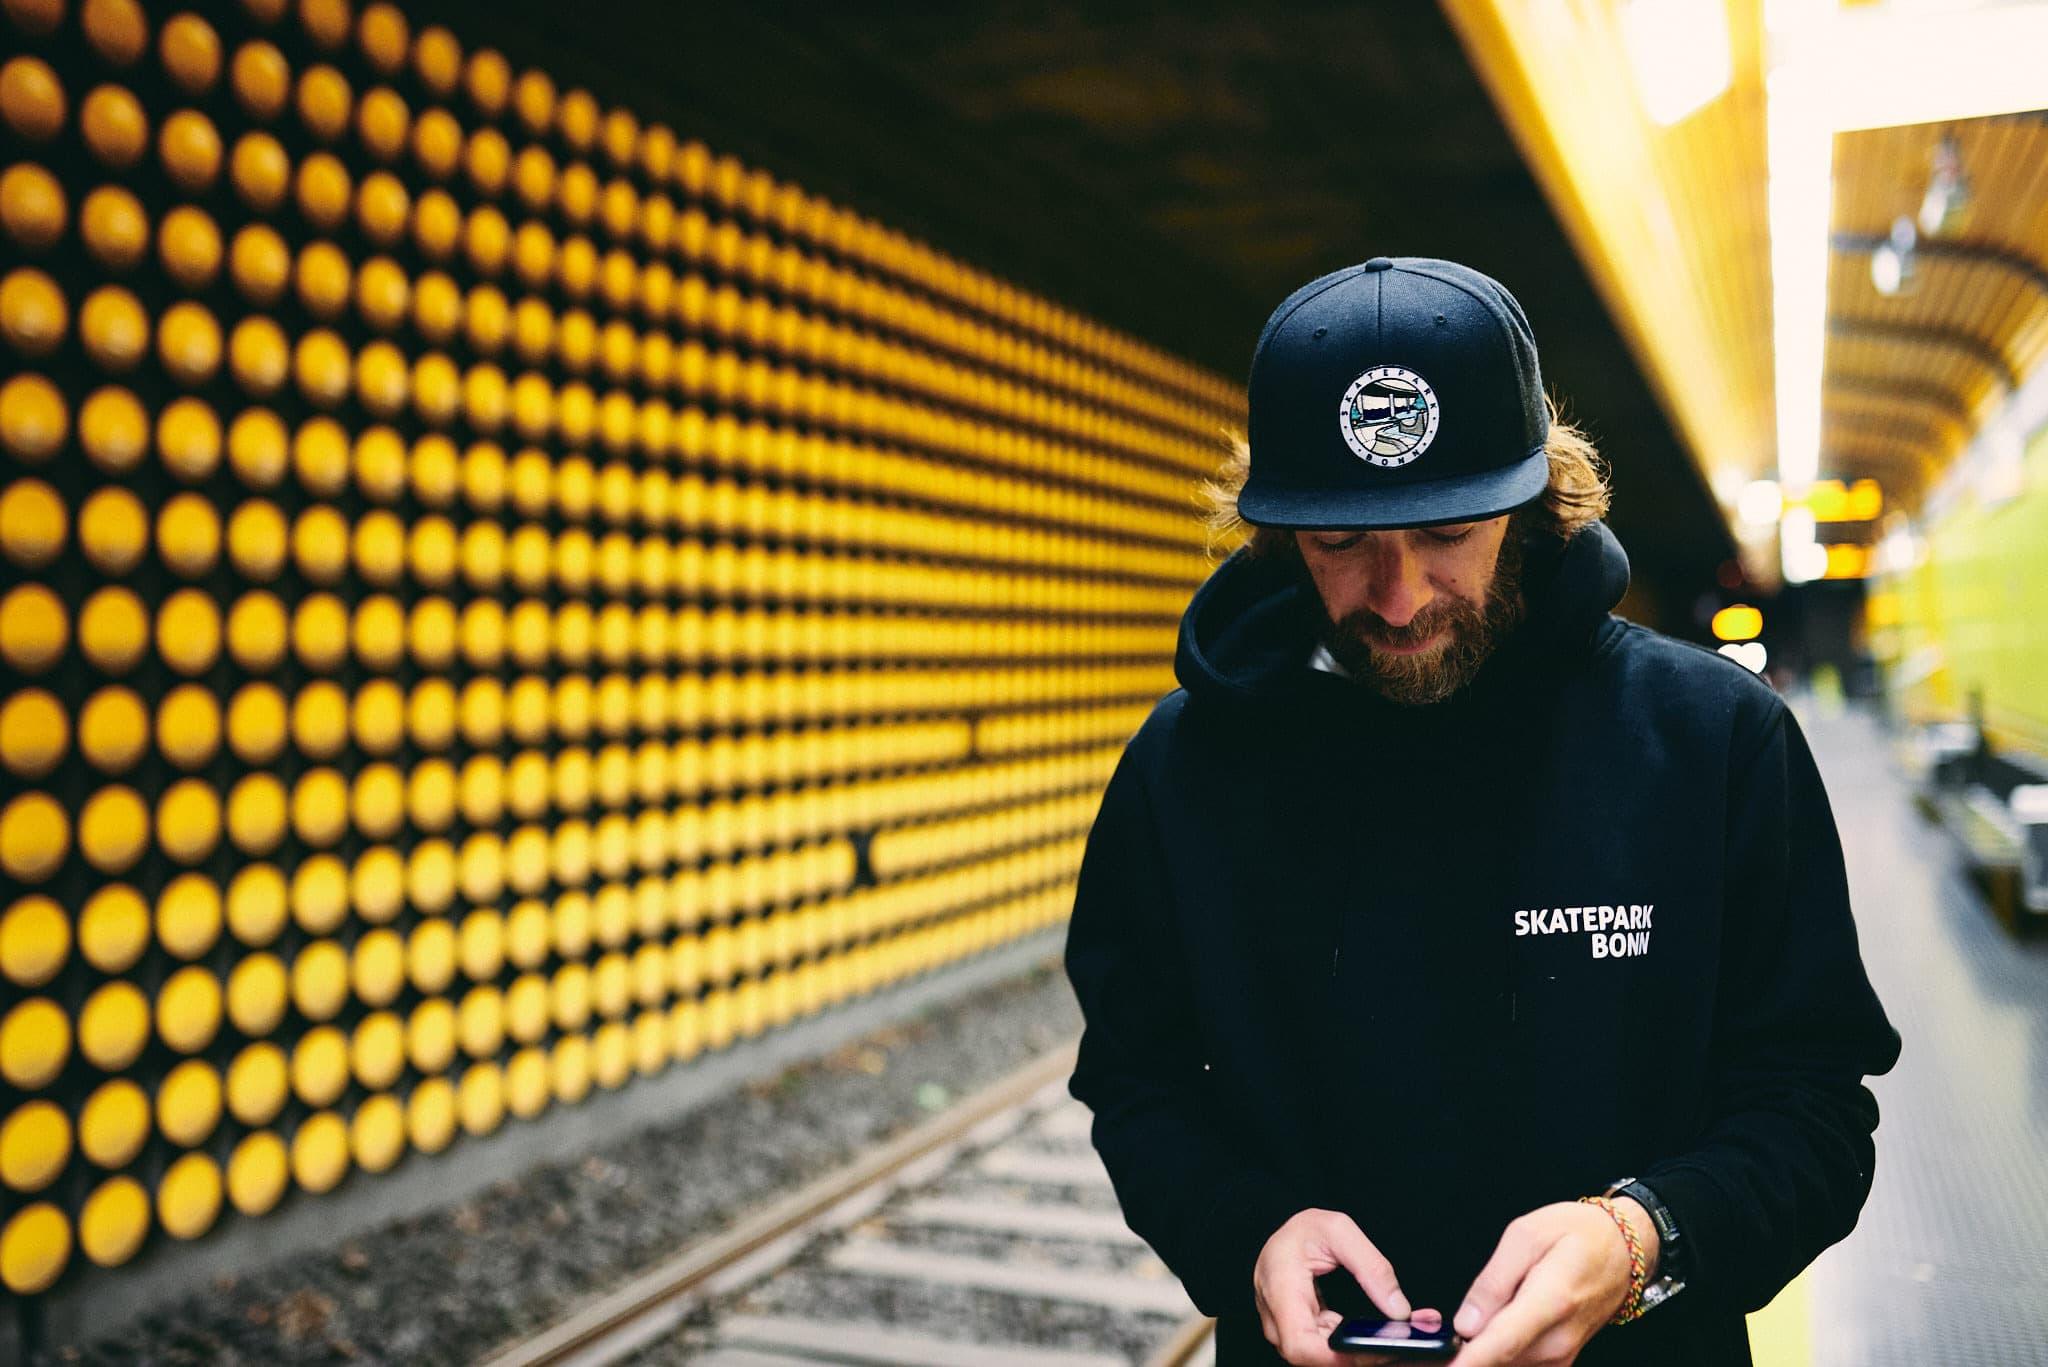 Philipp schaut aufs Handy am Gleis der Haltestelle Rammersdorf.